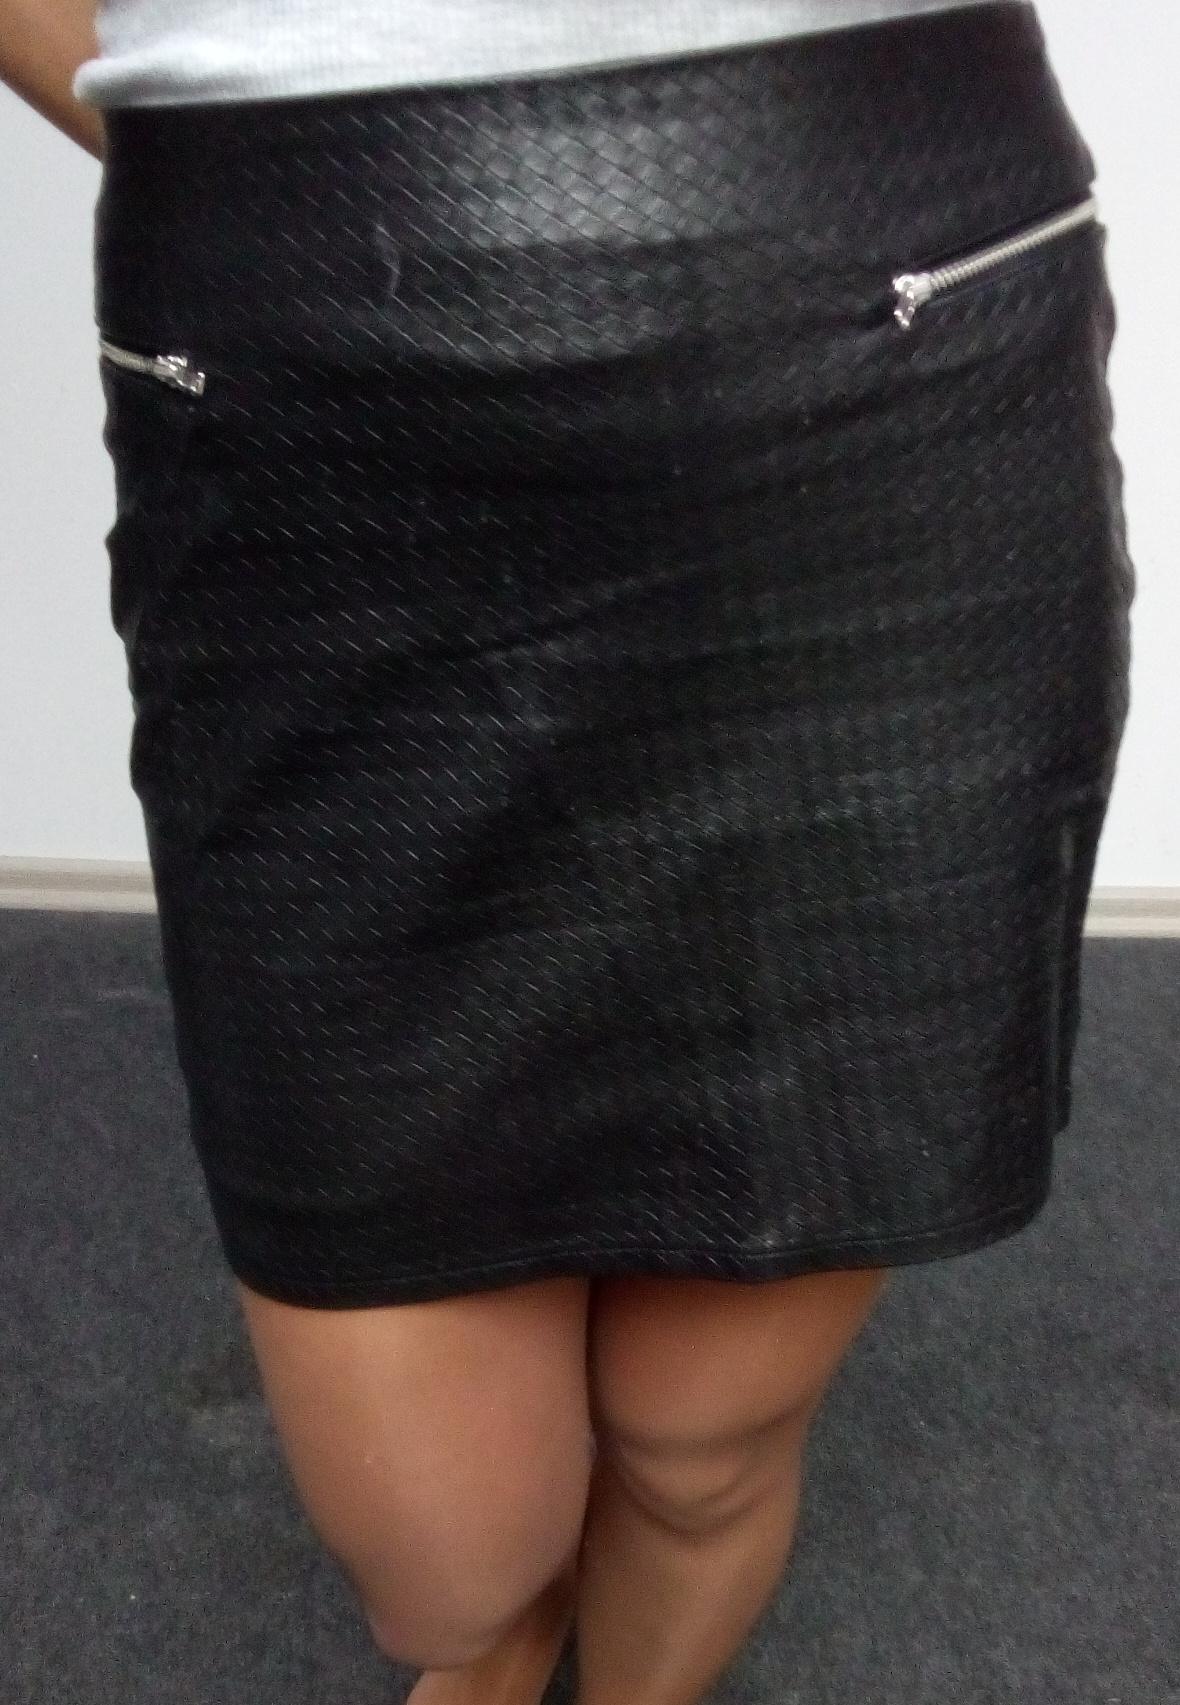 33c4ffd745 czarna mini spódniczka 36 H M - 7015562728 - oficjalne archiwum allegro